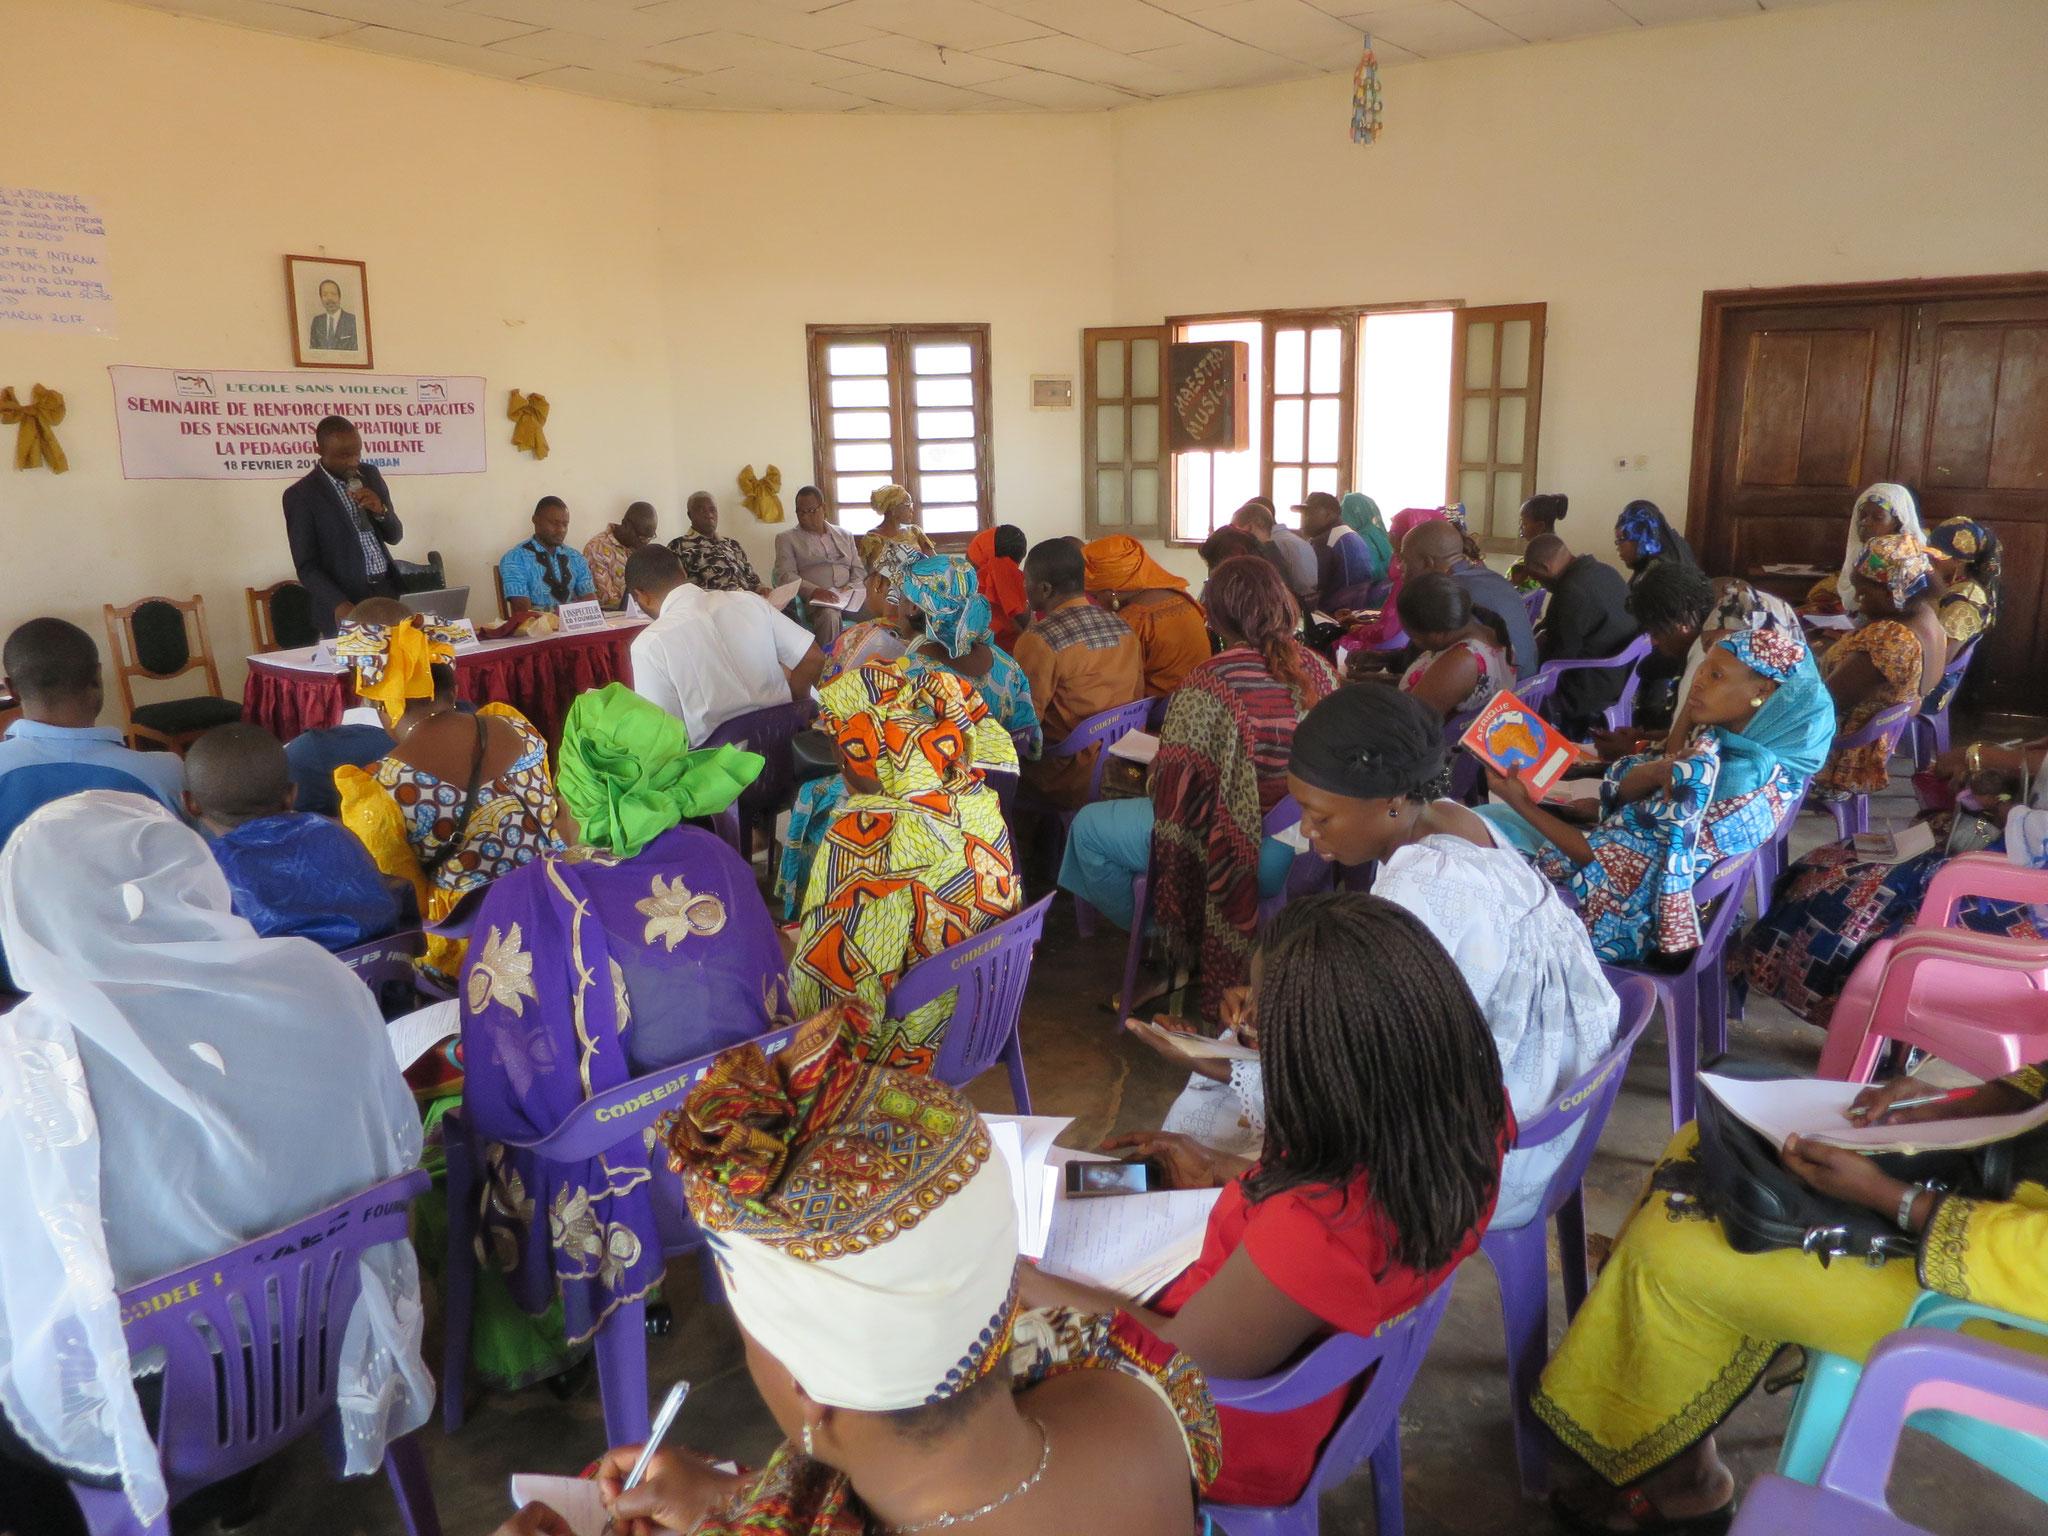 Séminaire de renforcement des capacités des enseignants à la pratique de la pédagogie non-violente et de la discipline positive